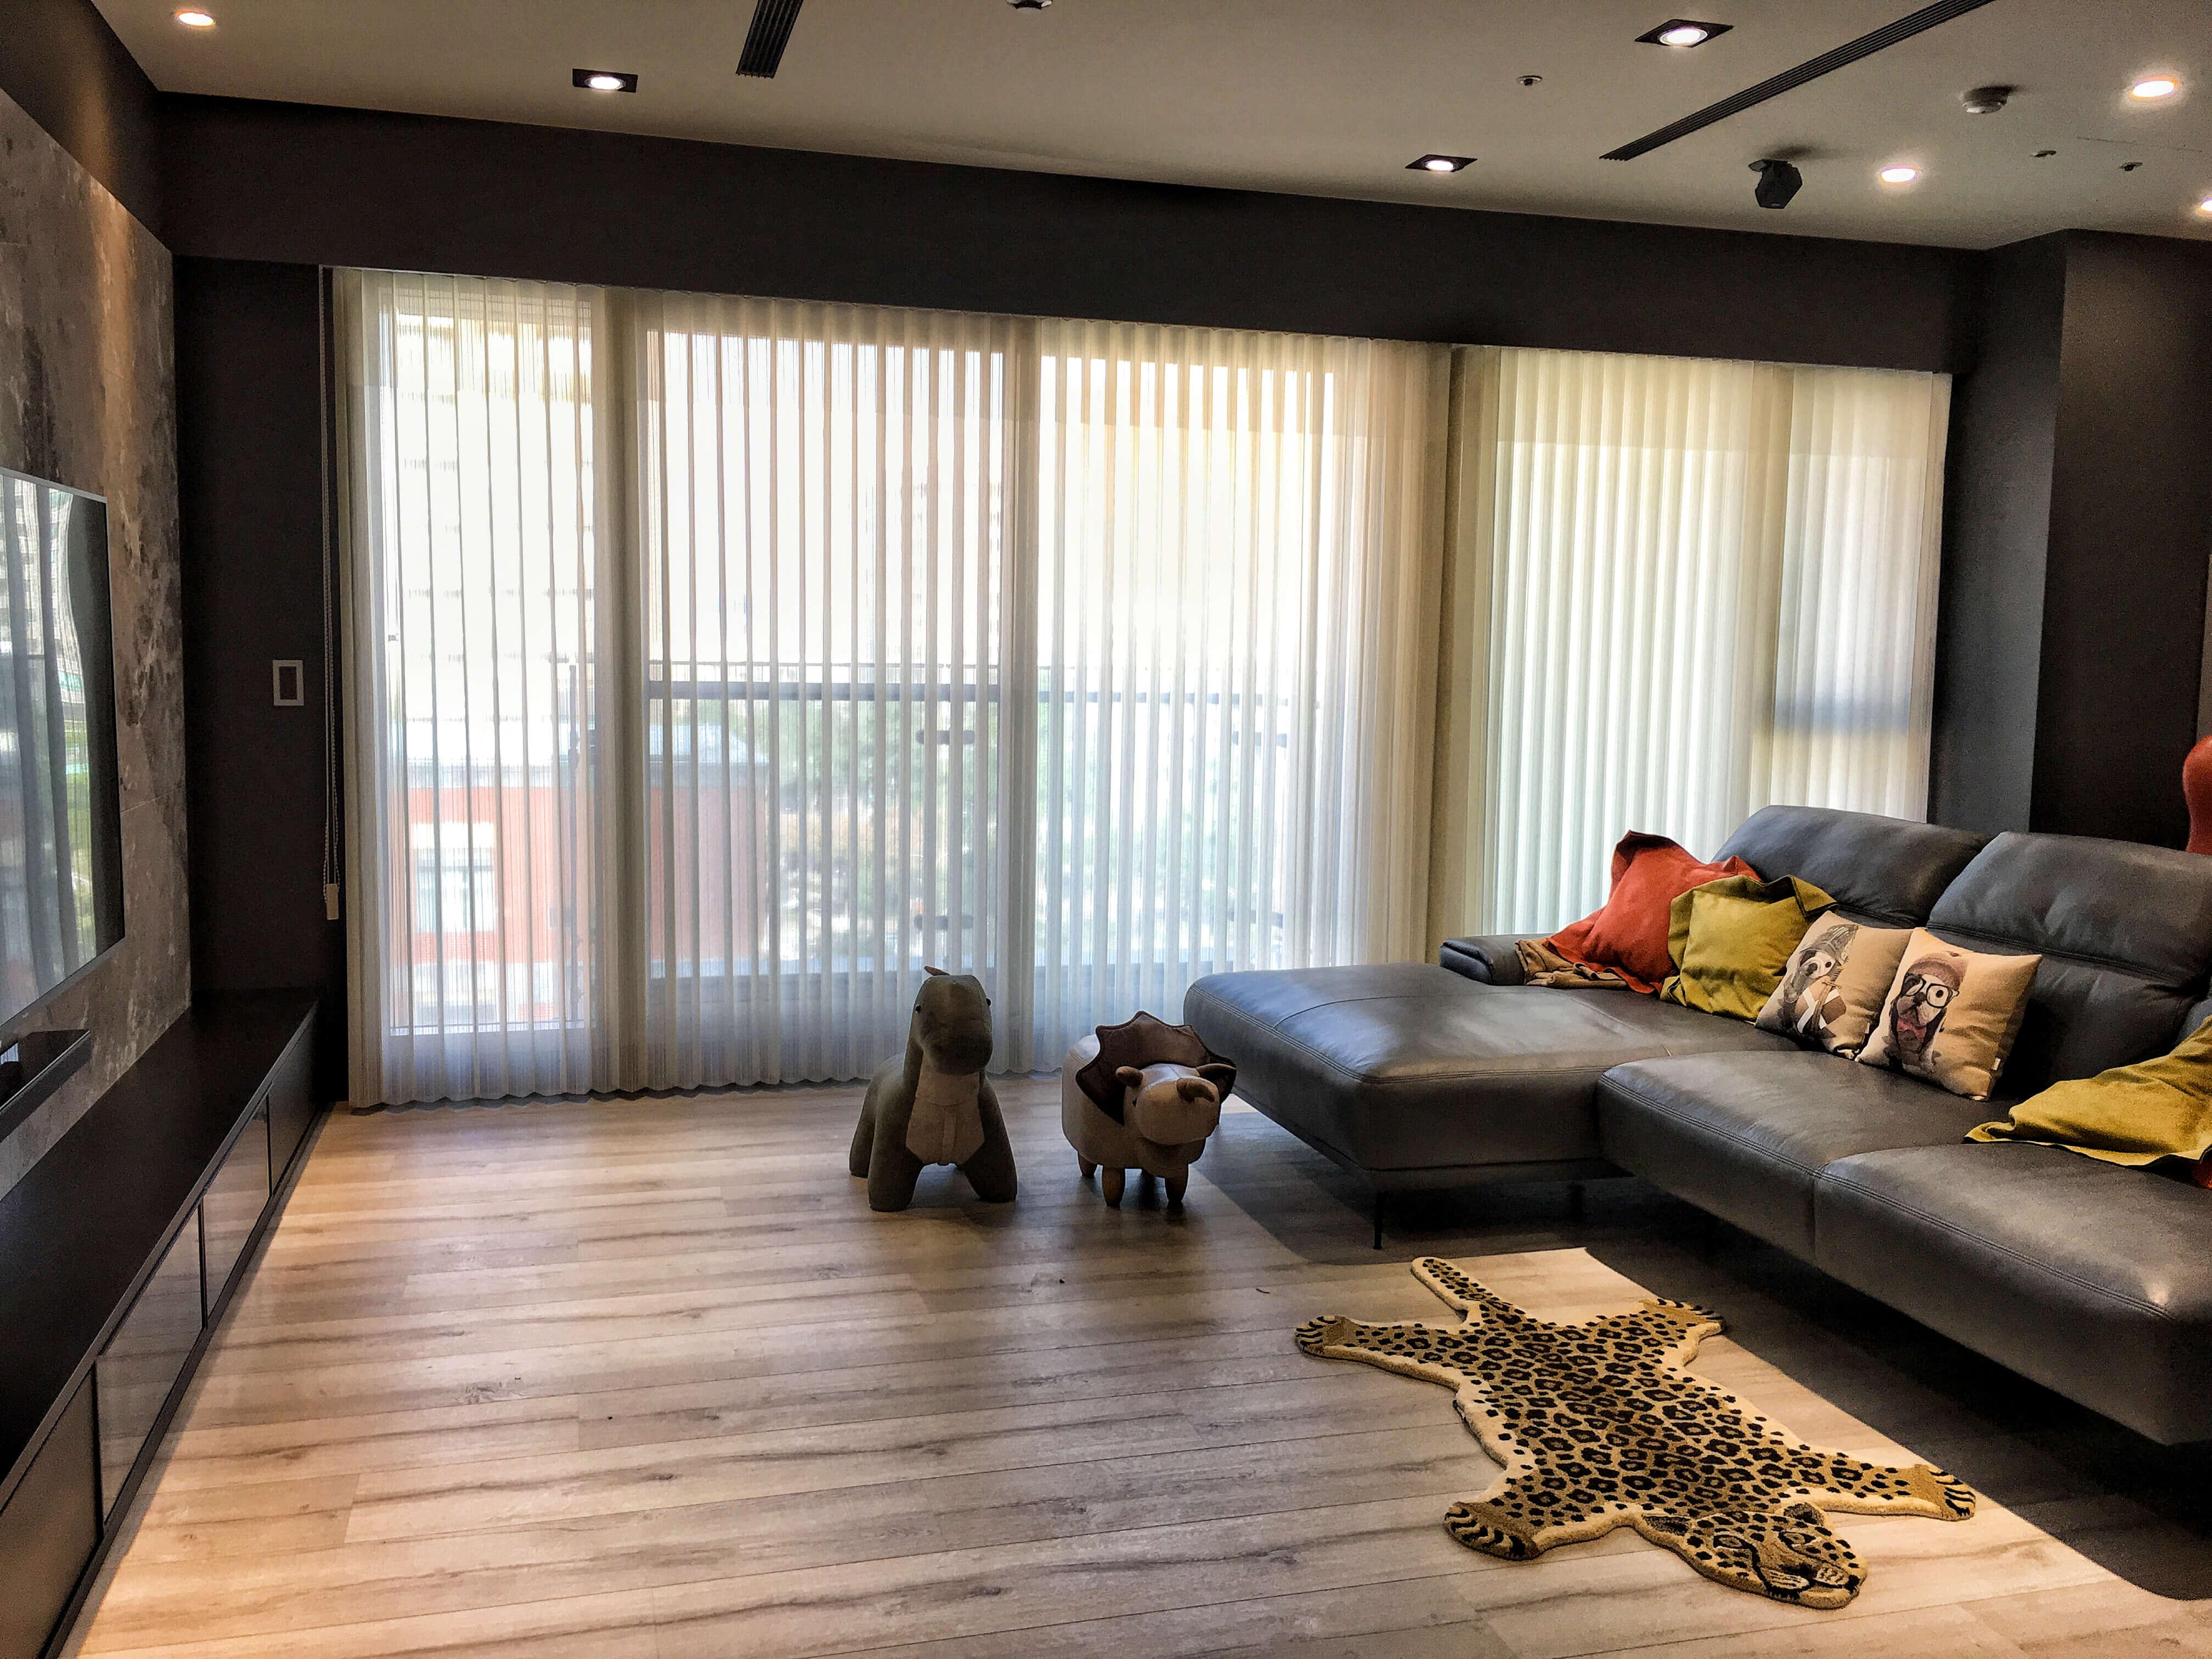 直立柔紗簾推薦 客廳窗簾設計 台中窗簾案例 進口窗飾